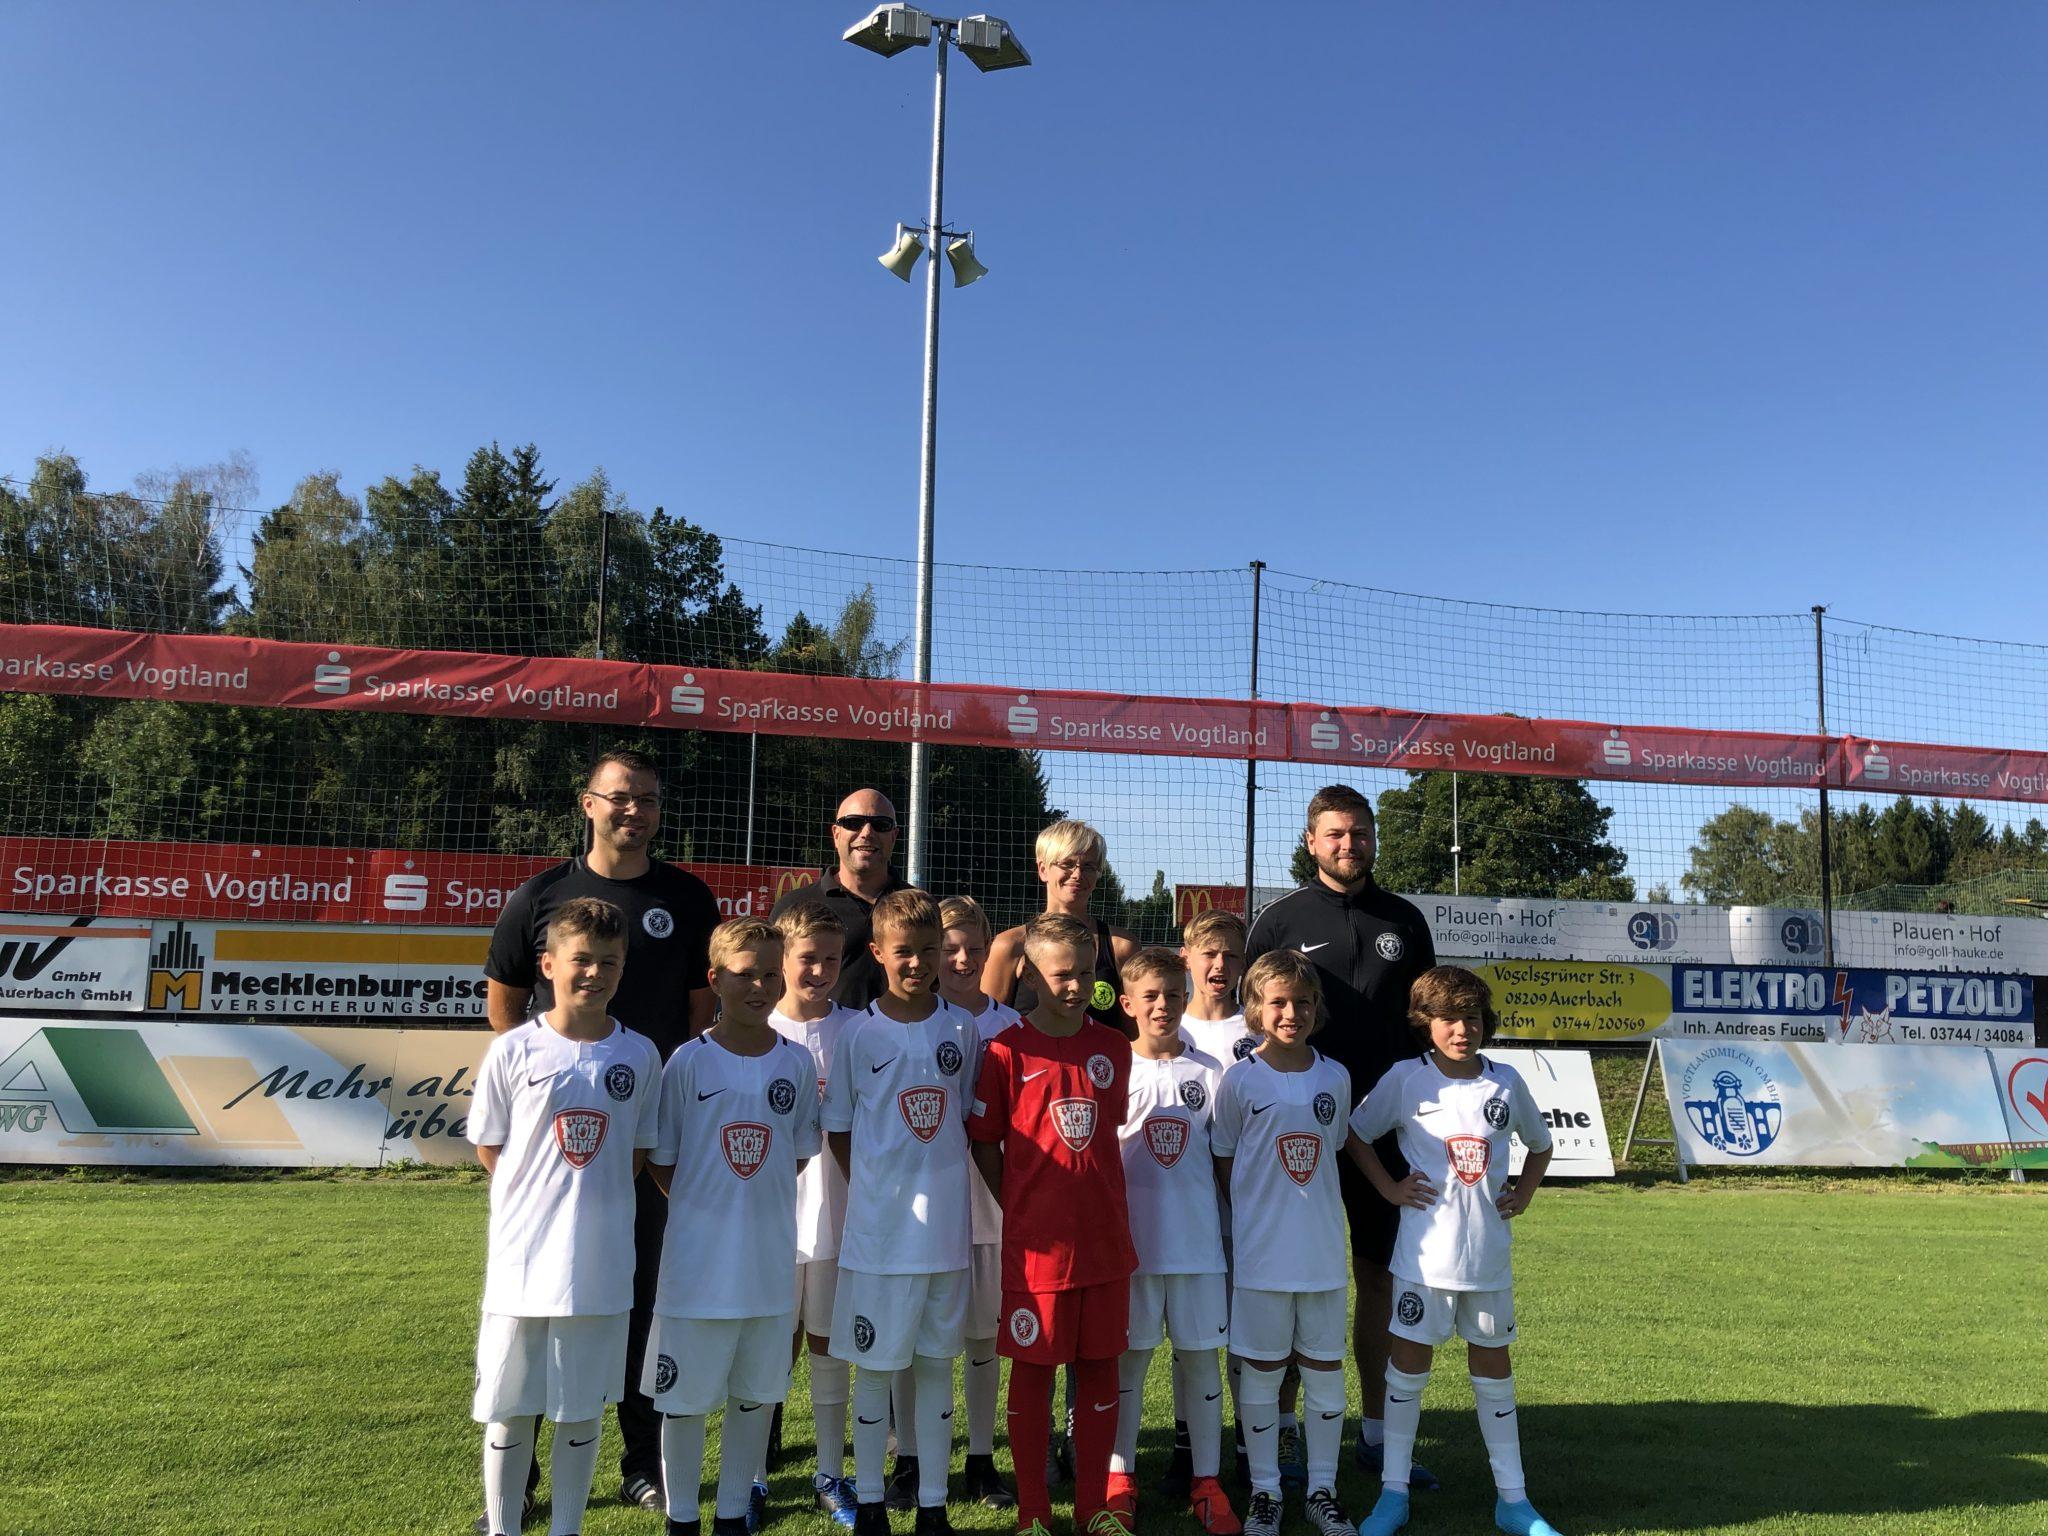 Hauptsponsor der E-Jugend des VfB Auerbach